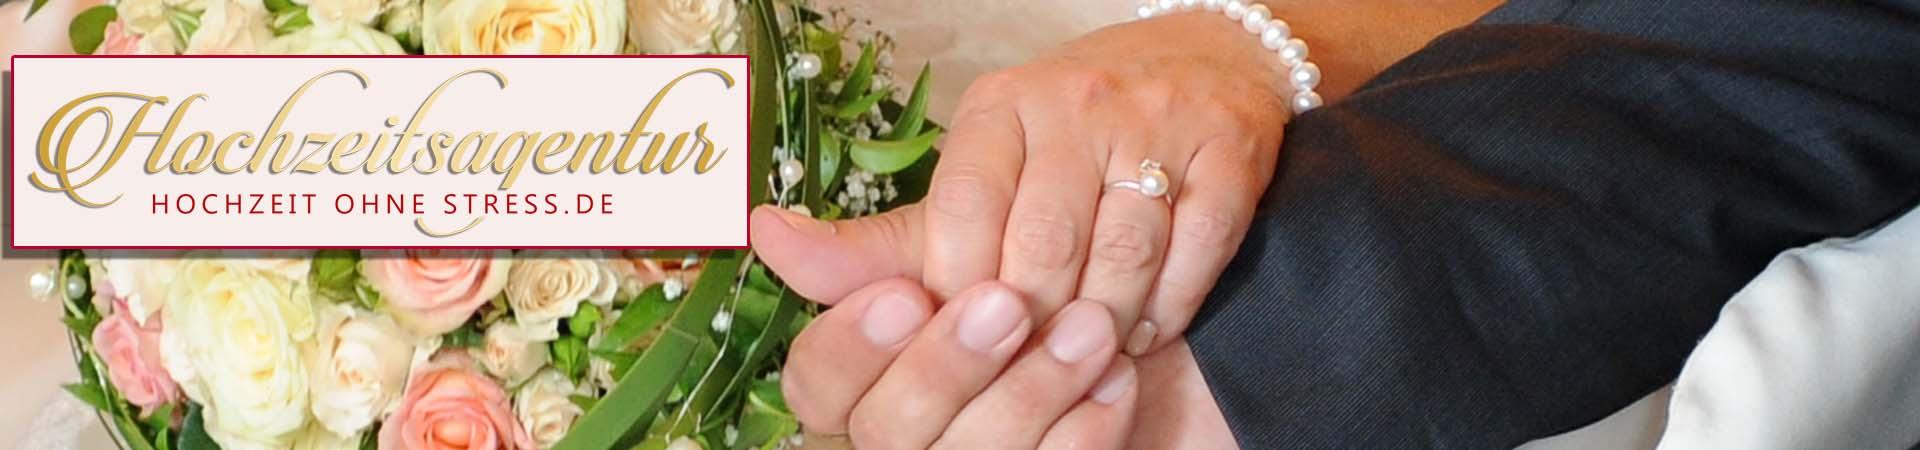 Hochzeitsplaner-Dresden-Hochzeitsagentur-HochzeitOhneStress-Bild07b